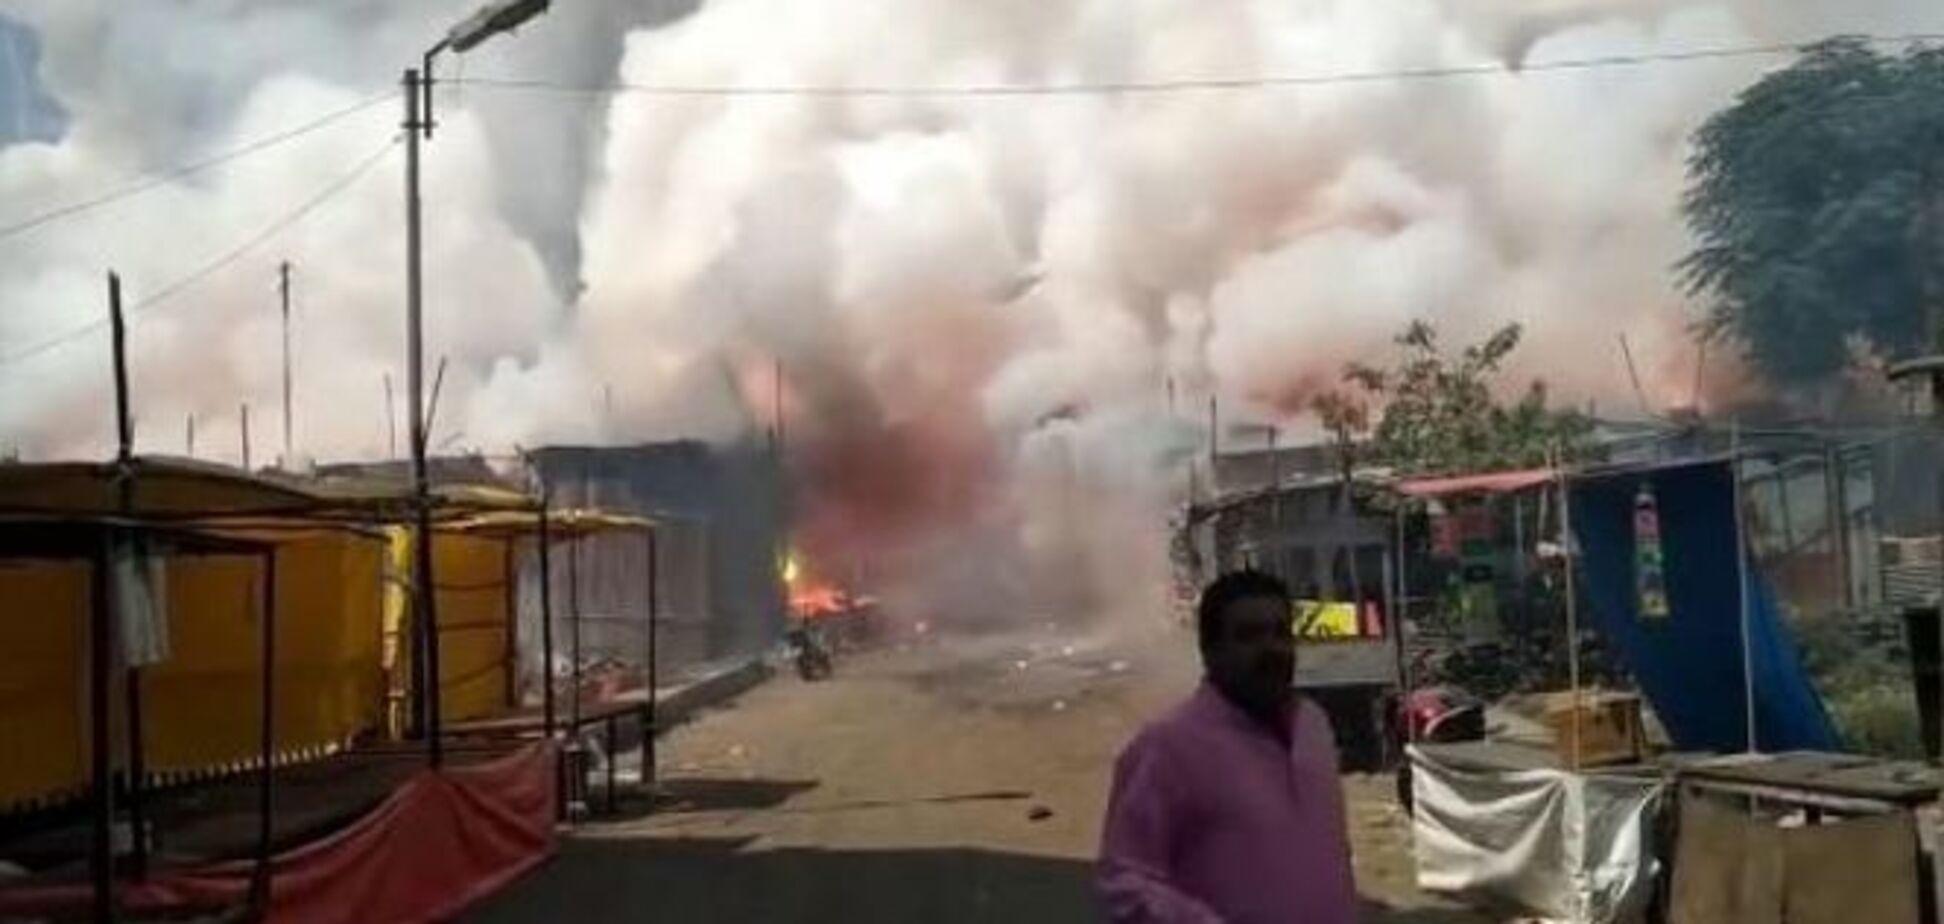 В Індонезії вибухнув завод піротехніки: близько сотні загиблих і поранених